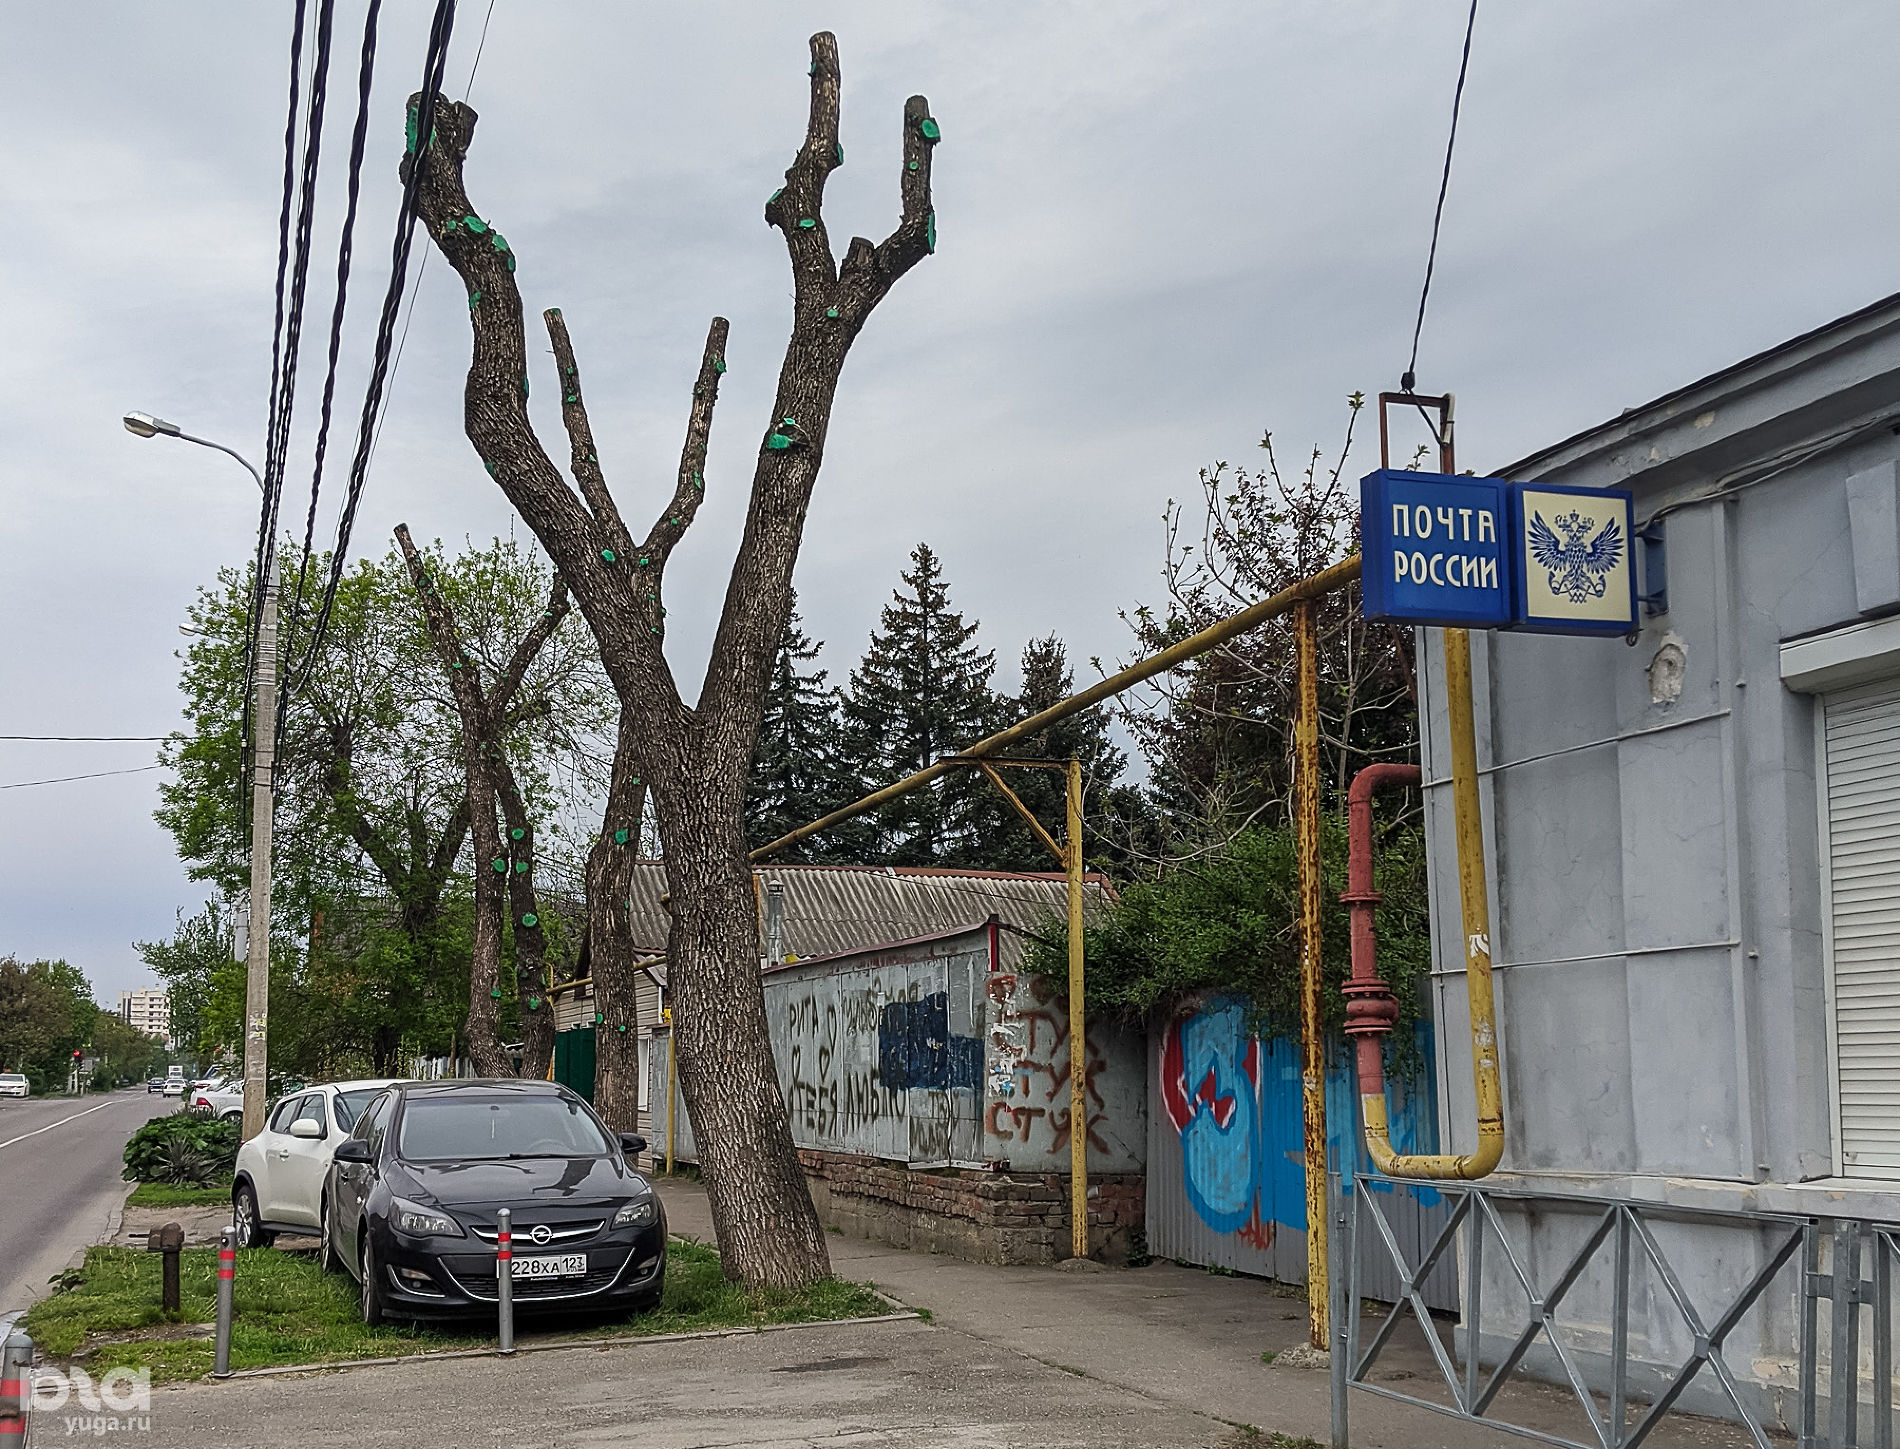 ©Фото Александры Прохоренковой-Аксеновой, Юга.ру